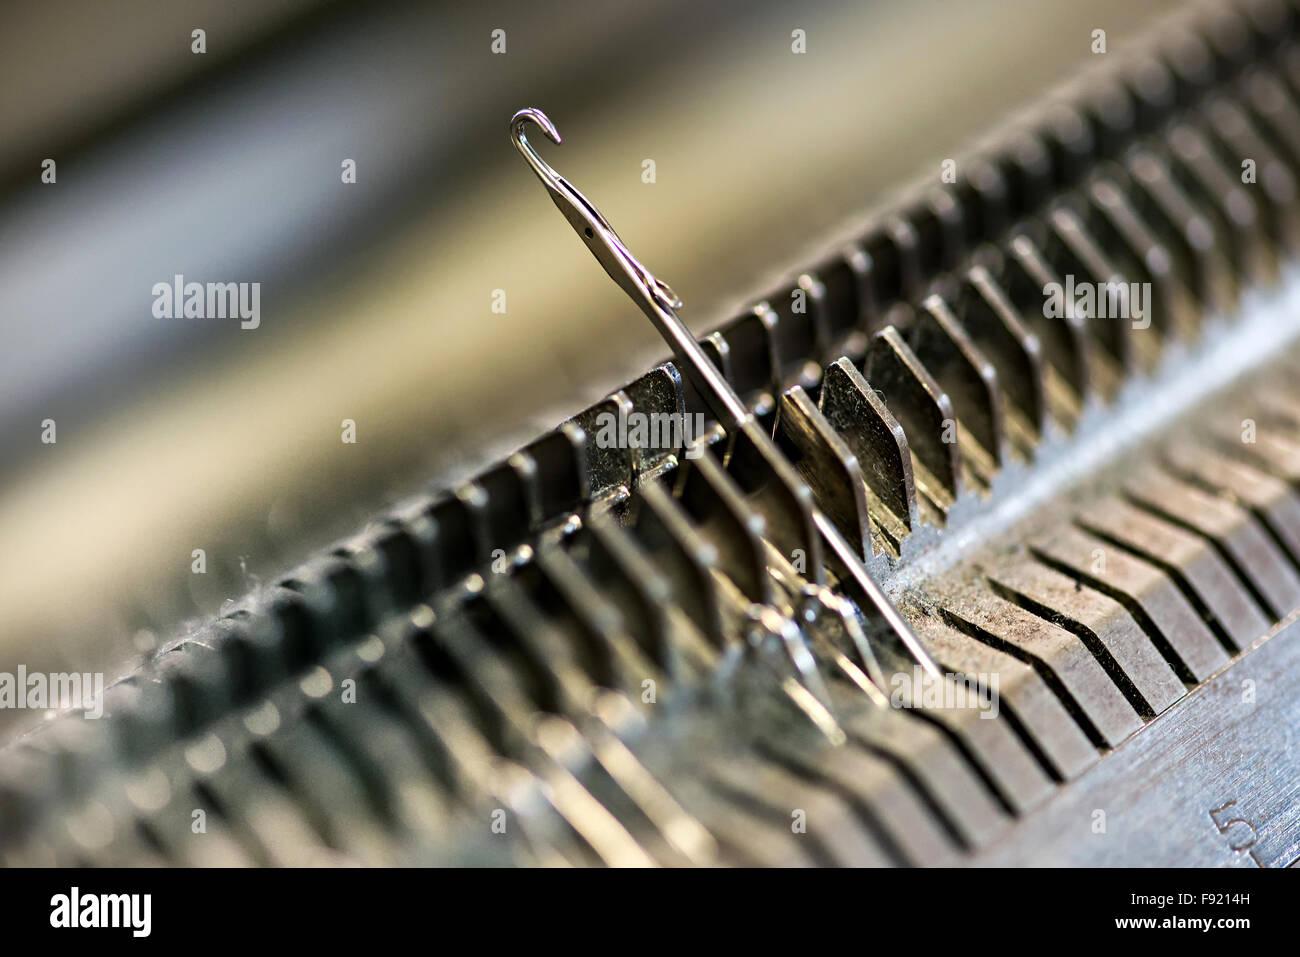 Knitting machine single needle closeup - Stock Image